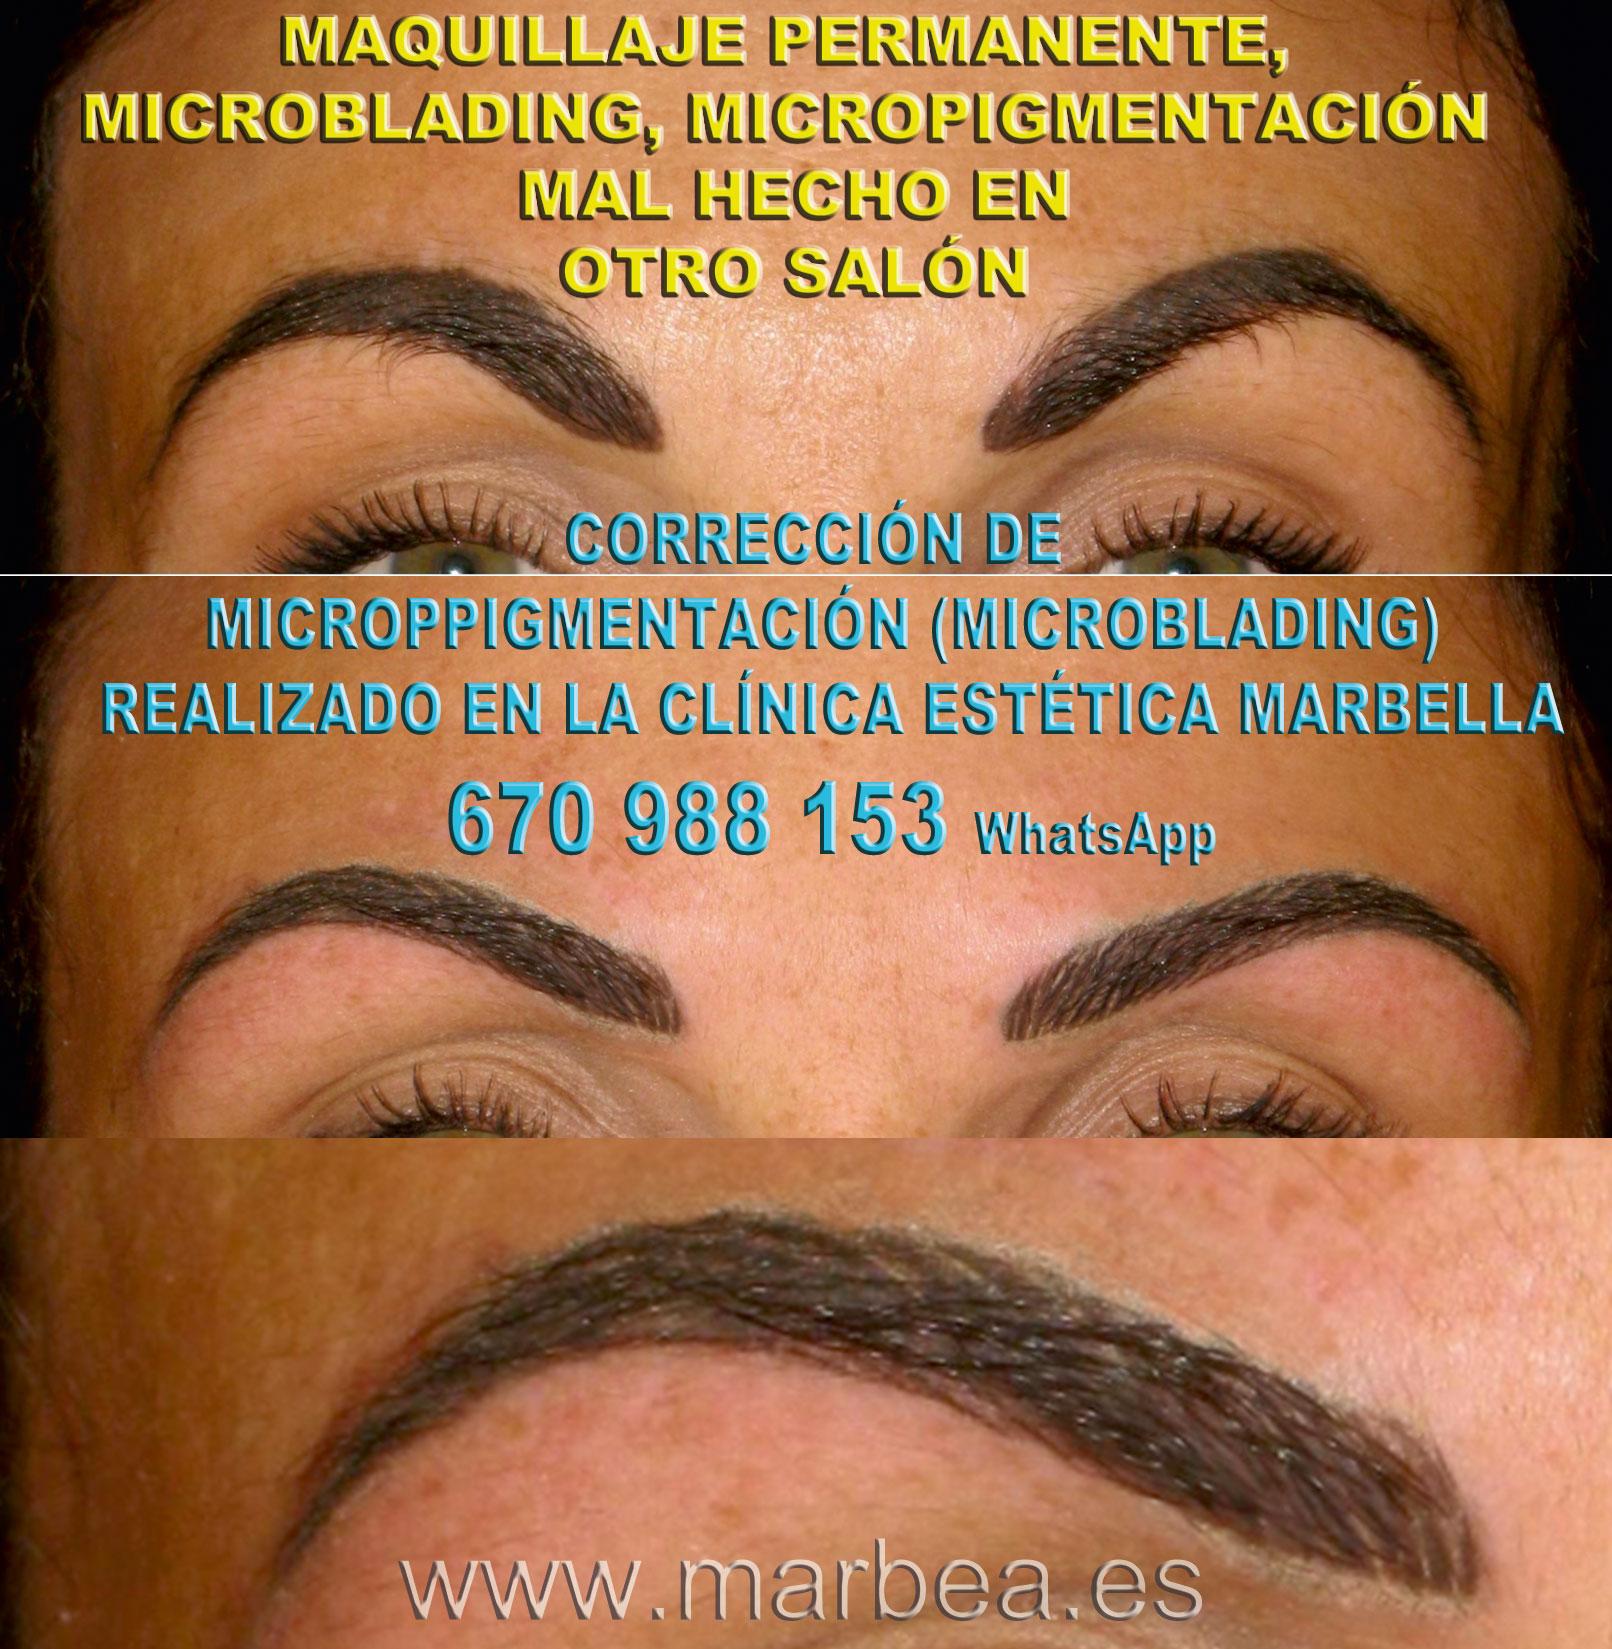 ELIMINAR TATUAJE CEJAS clínica estética delineados ofrece eliminar la micropigmentación de cejas,reparamos microppigmentacion mal hechos